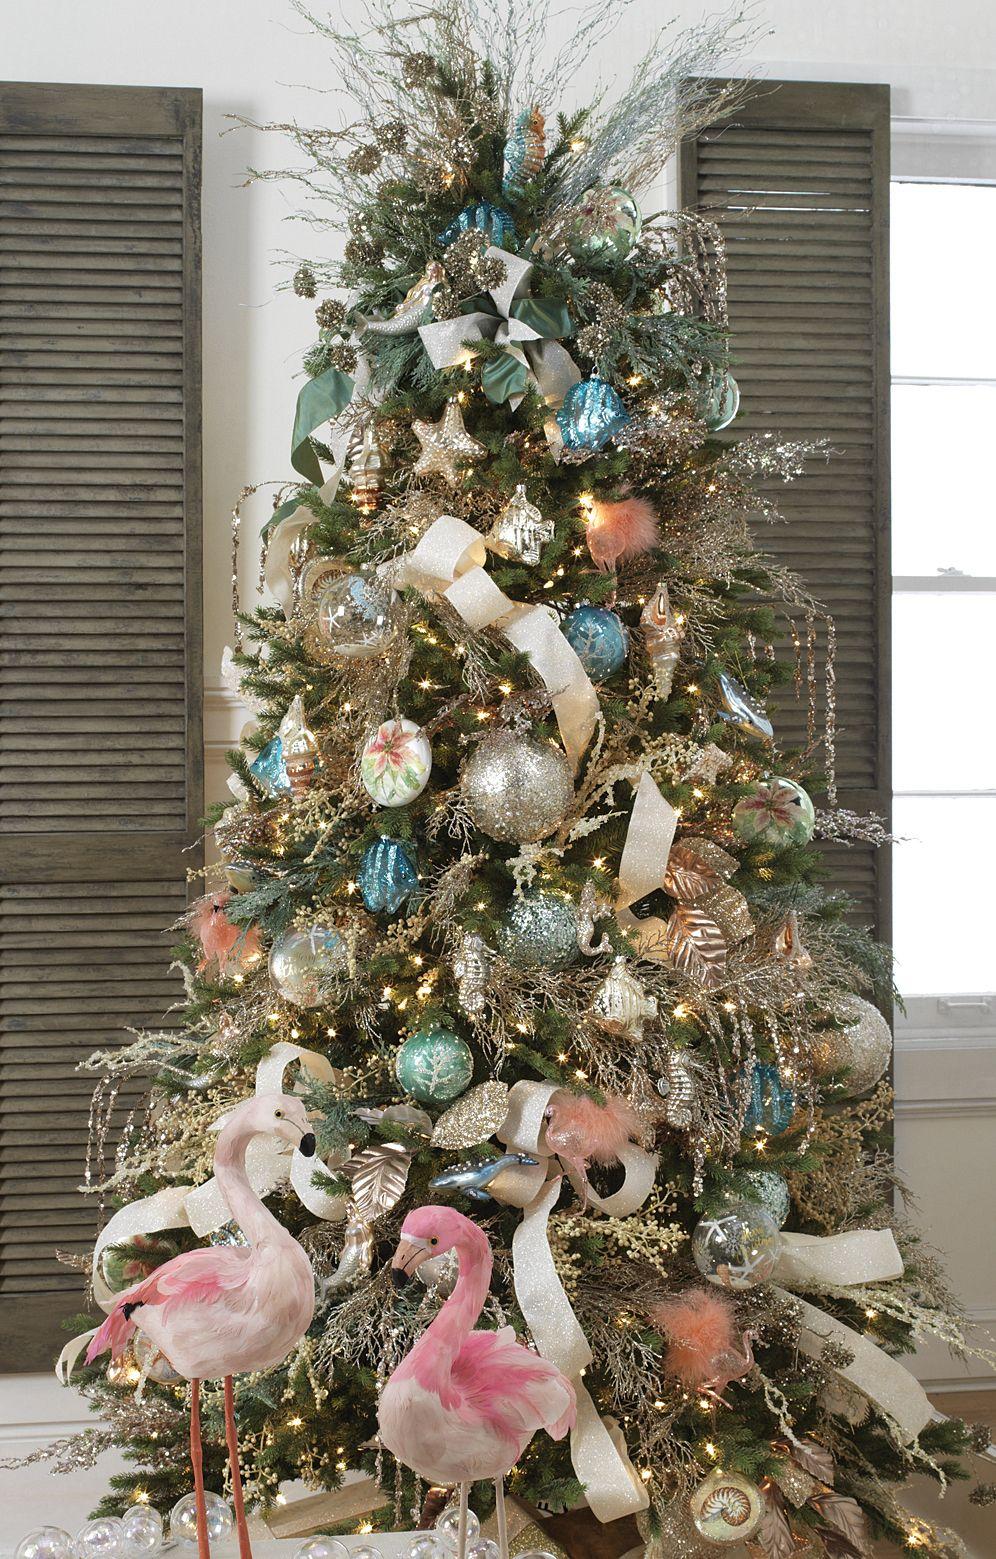 tendencias para decorar tu arbol de navidad 2017 2018 azul y listones blancos awesome. Black Bedroom Furniture Sets. Home Design Ideas